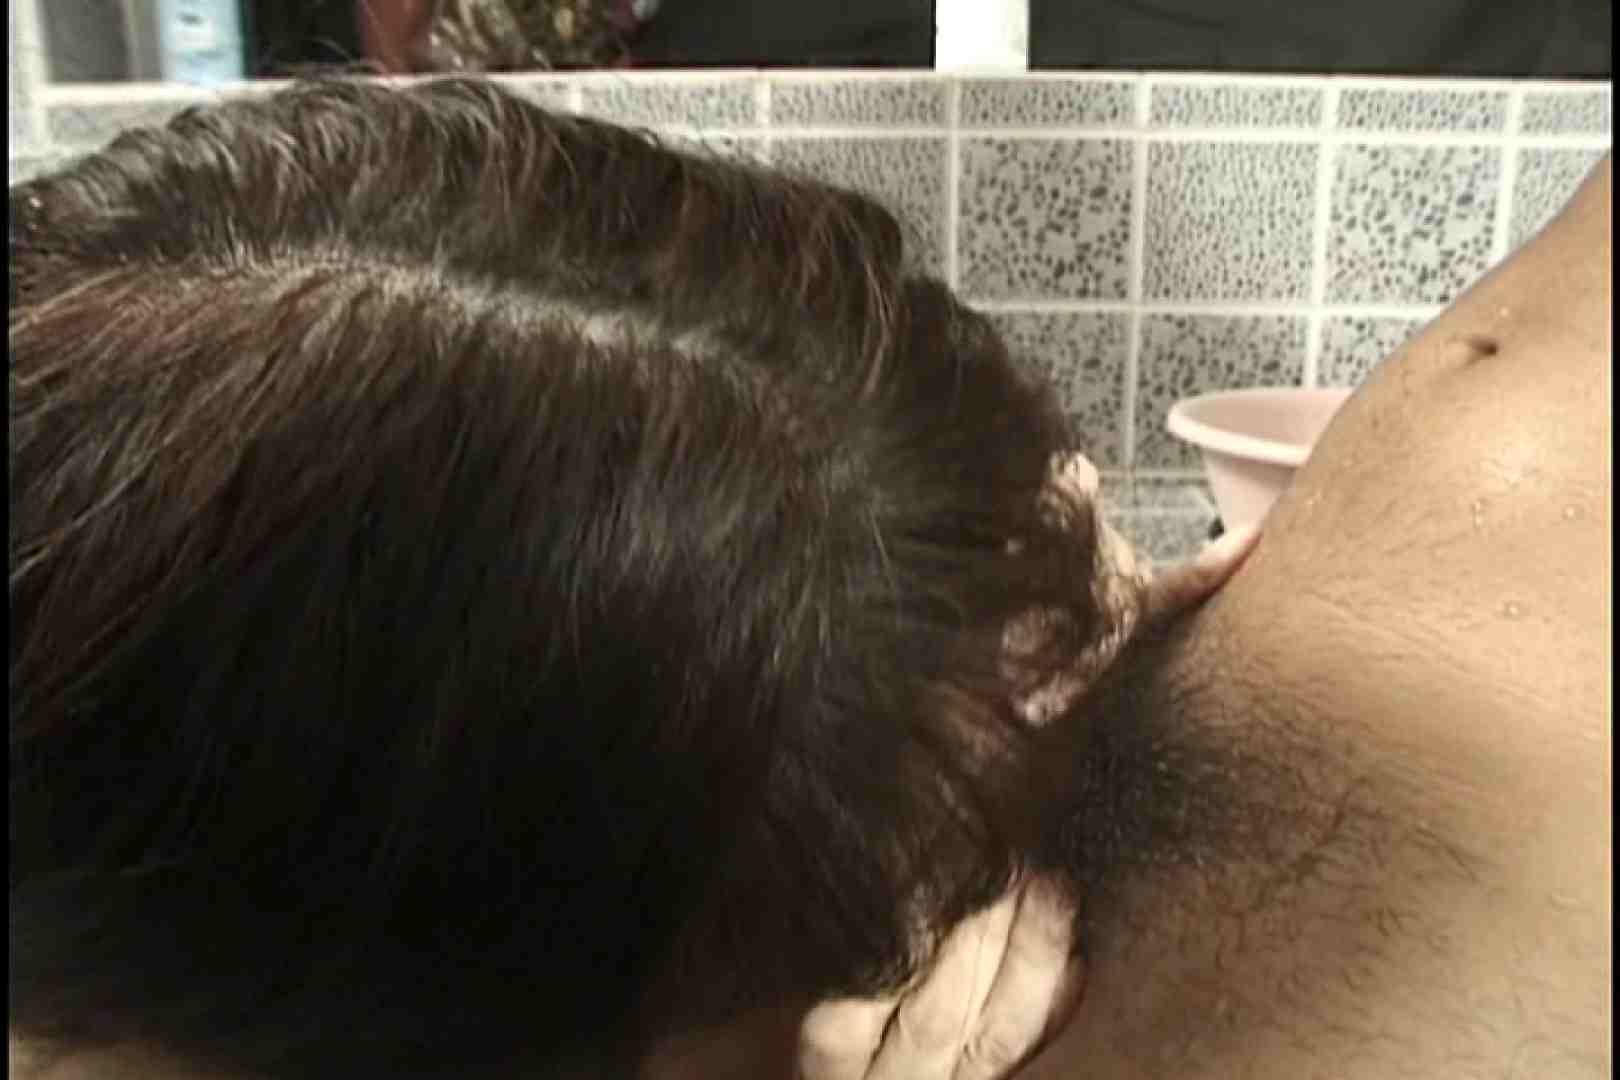 昼間の奥様は欲求不満 ~中島幸恵~ バイブ最高 AV動画キャプチャ 91枚 75